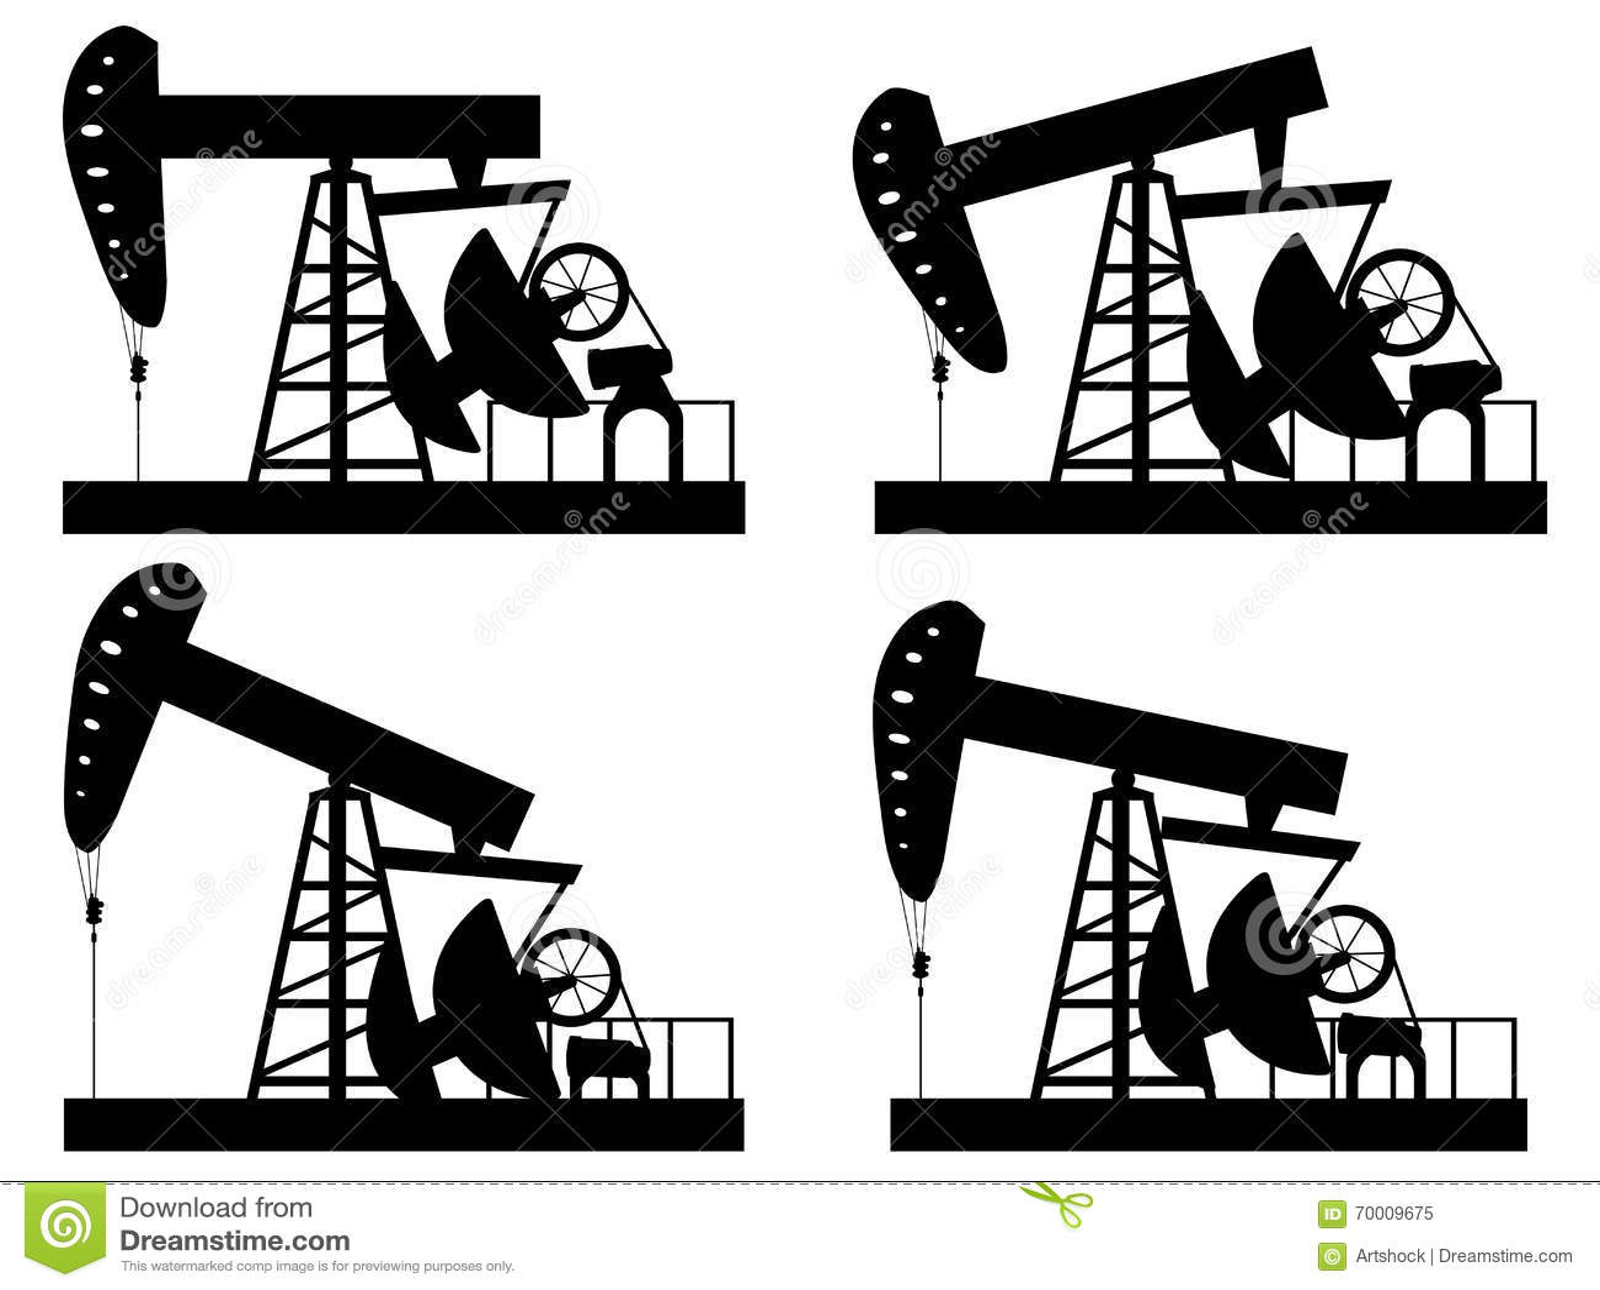 Oil Derrick Silhouette stock vector. Illustration of